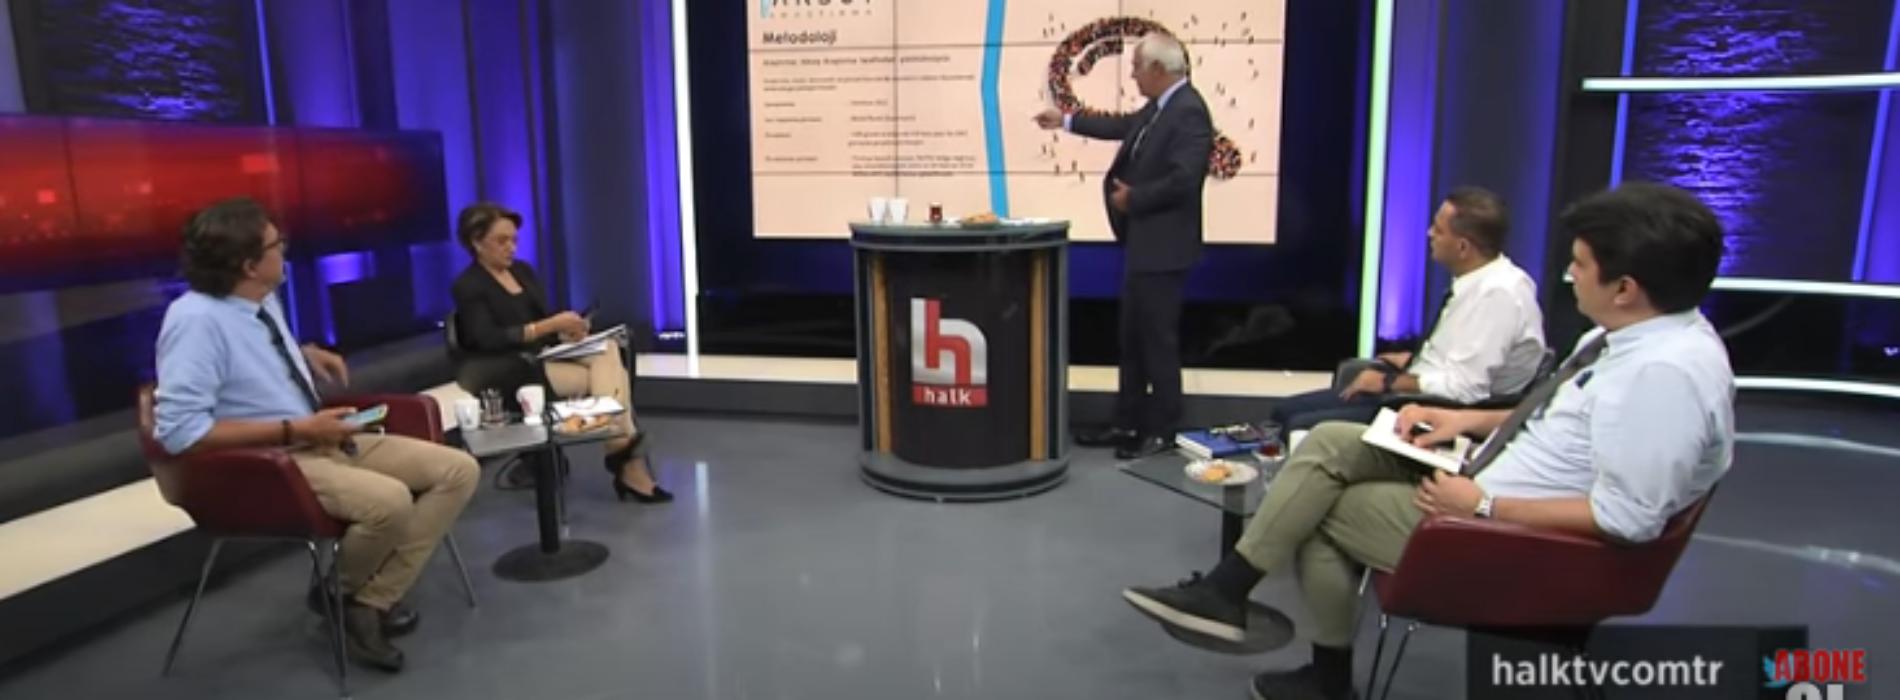 Suriyelilere Bakış Araştırmamız Halk TV'de